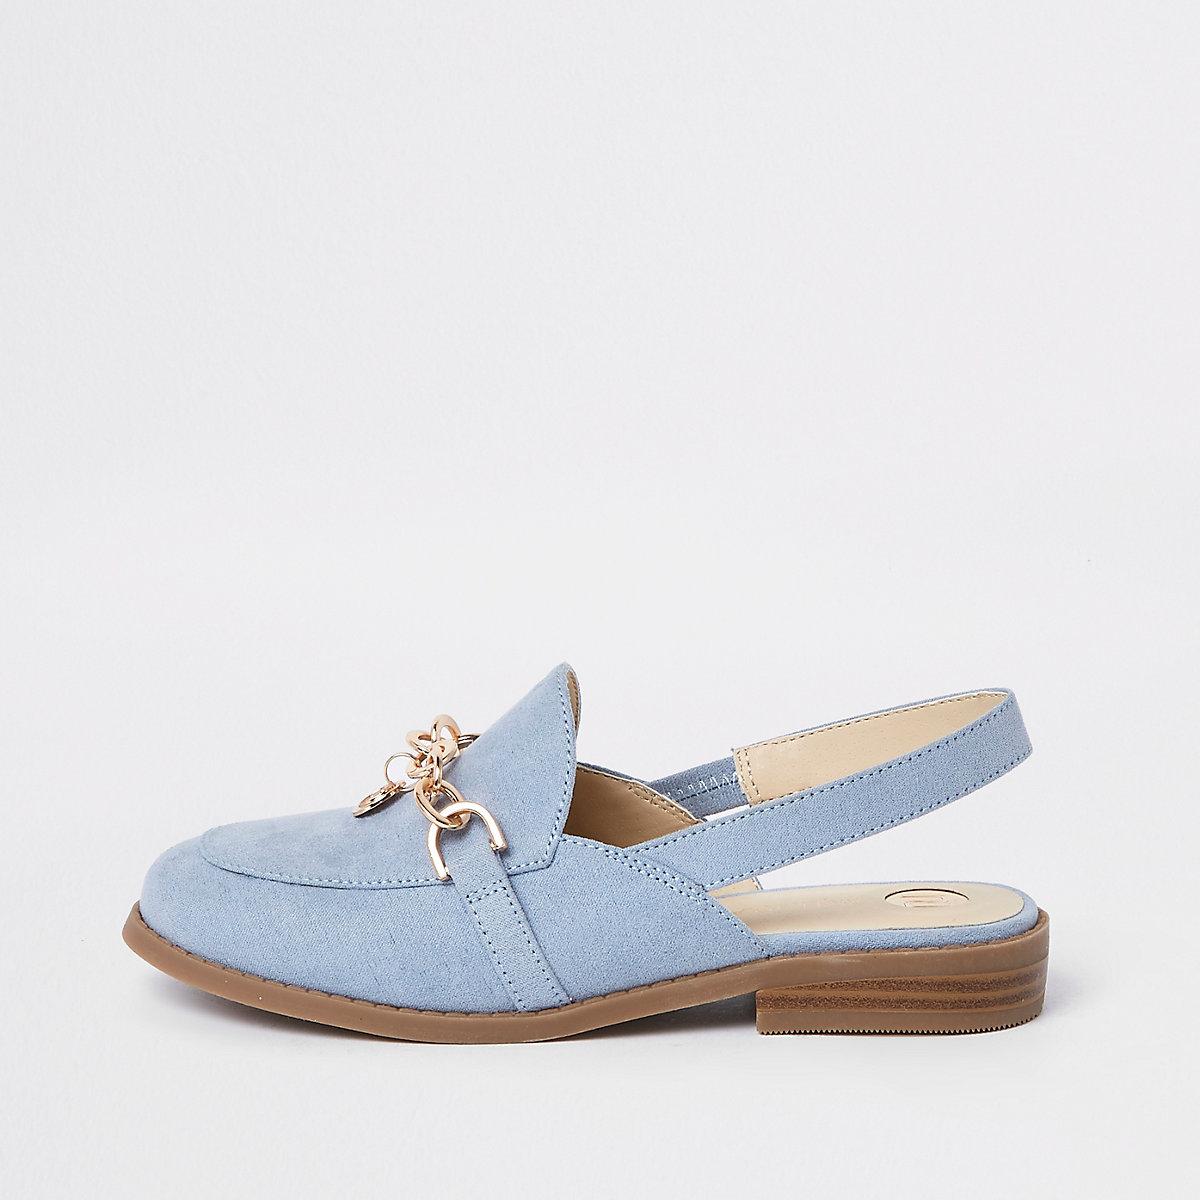 Blaue Loafer mit Zierkette